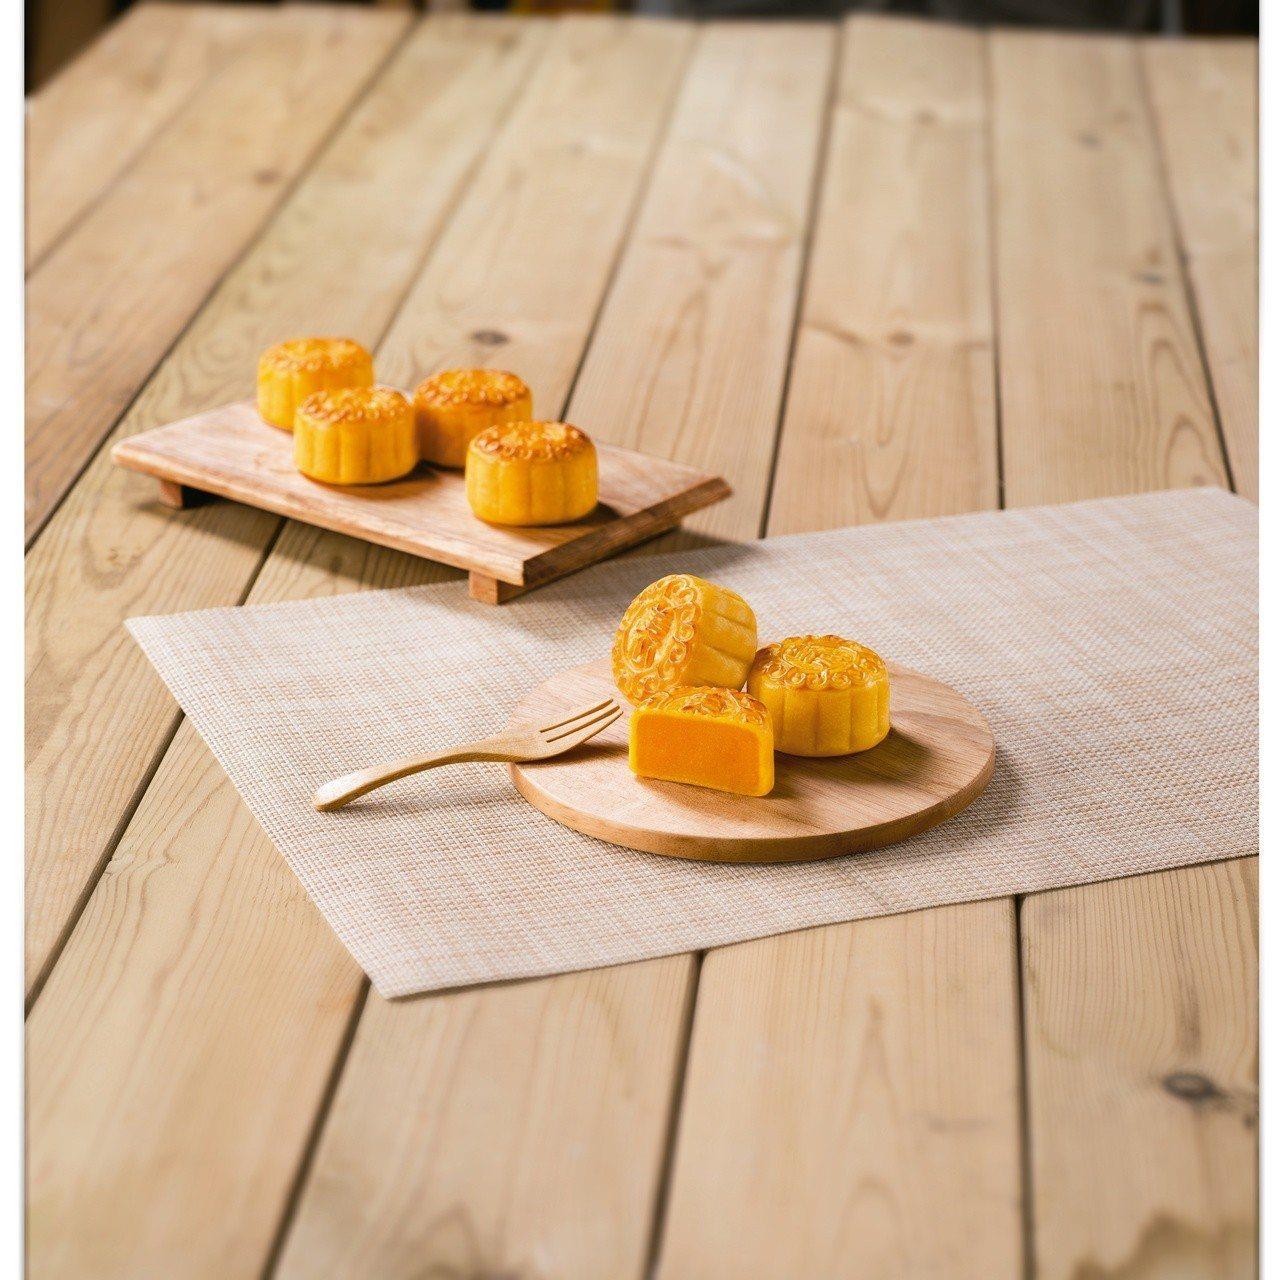 香港美心香滑奶黃禮盒。照片廠商提供。